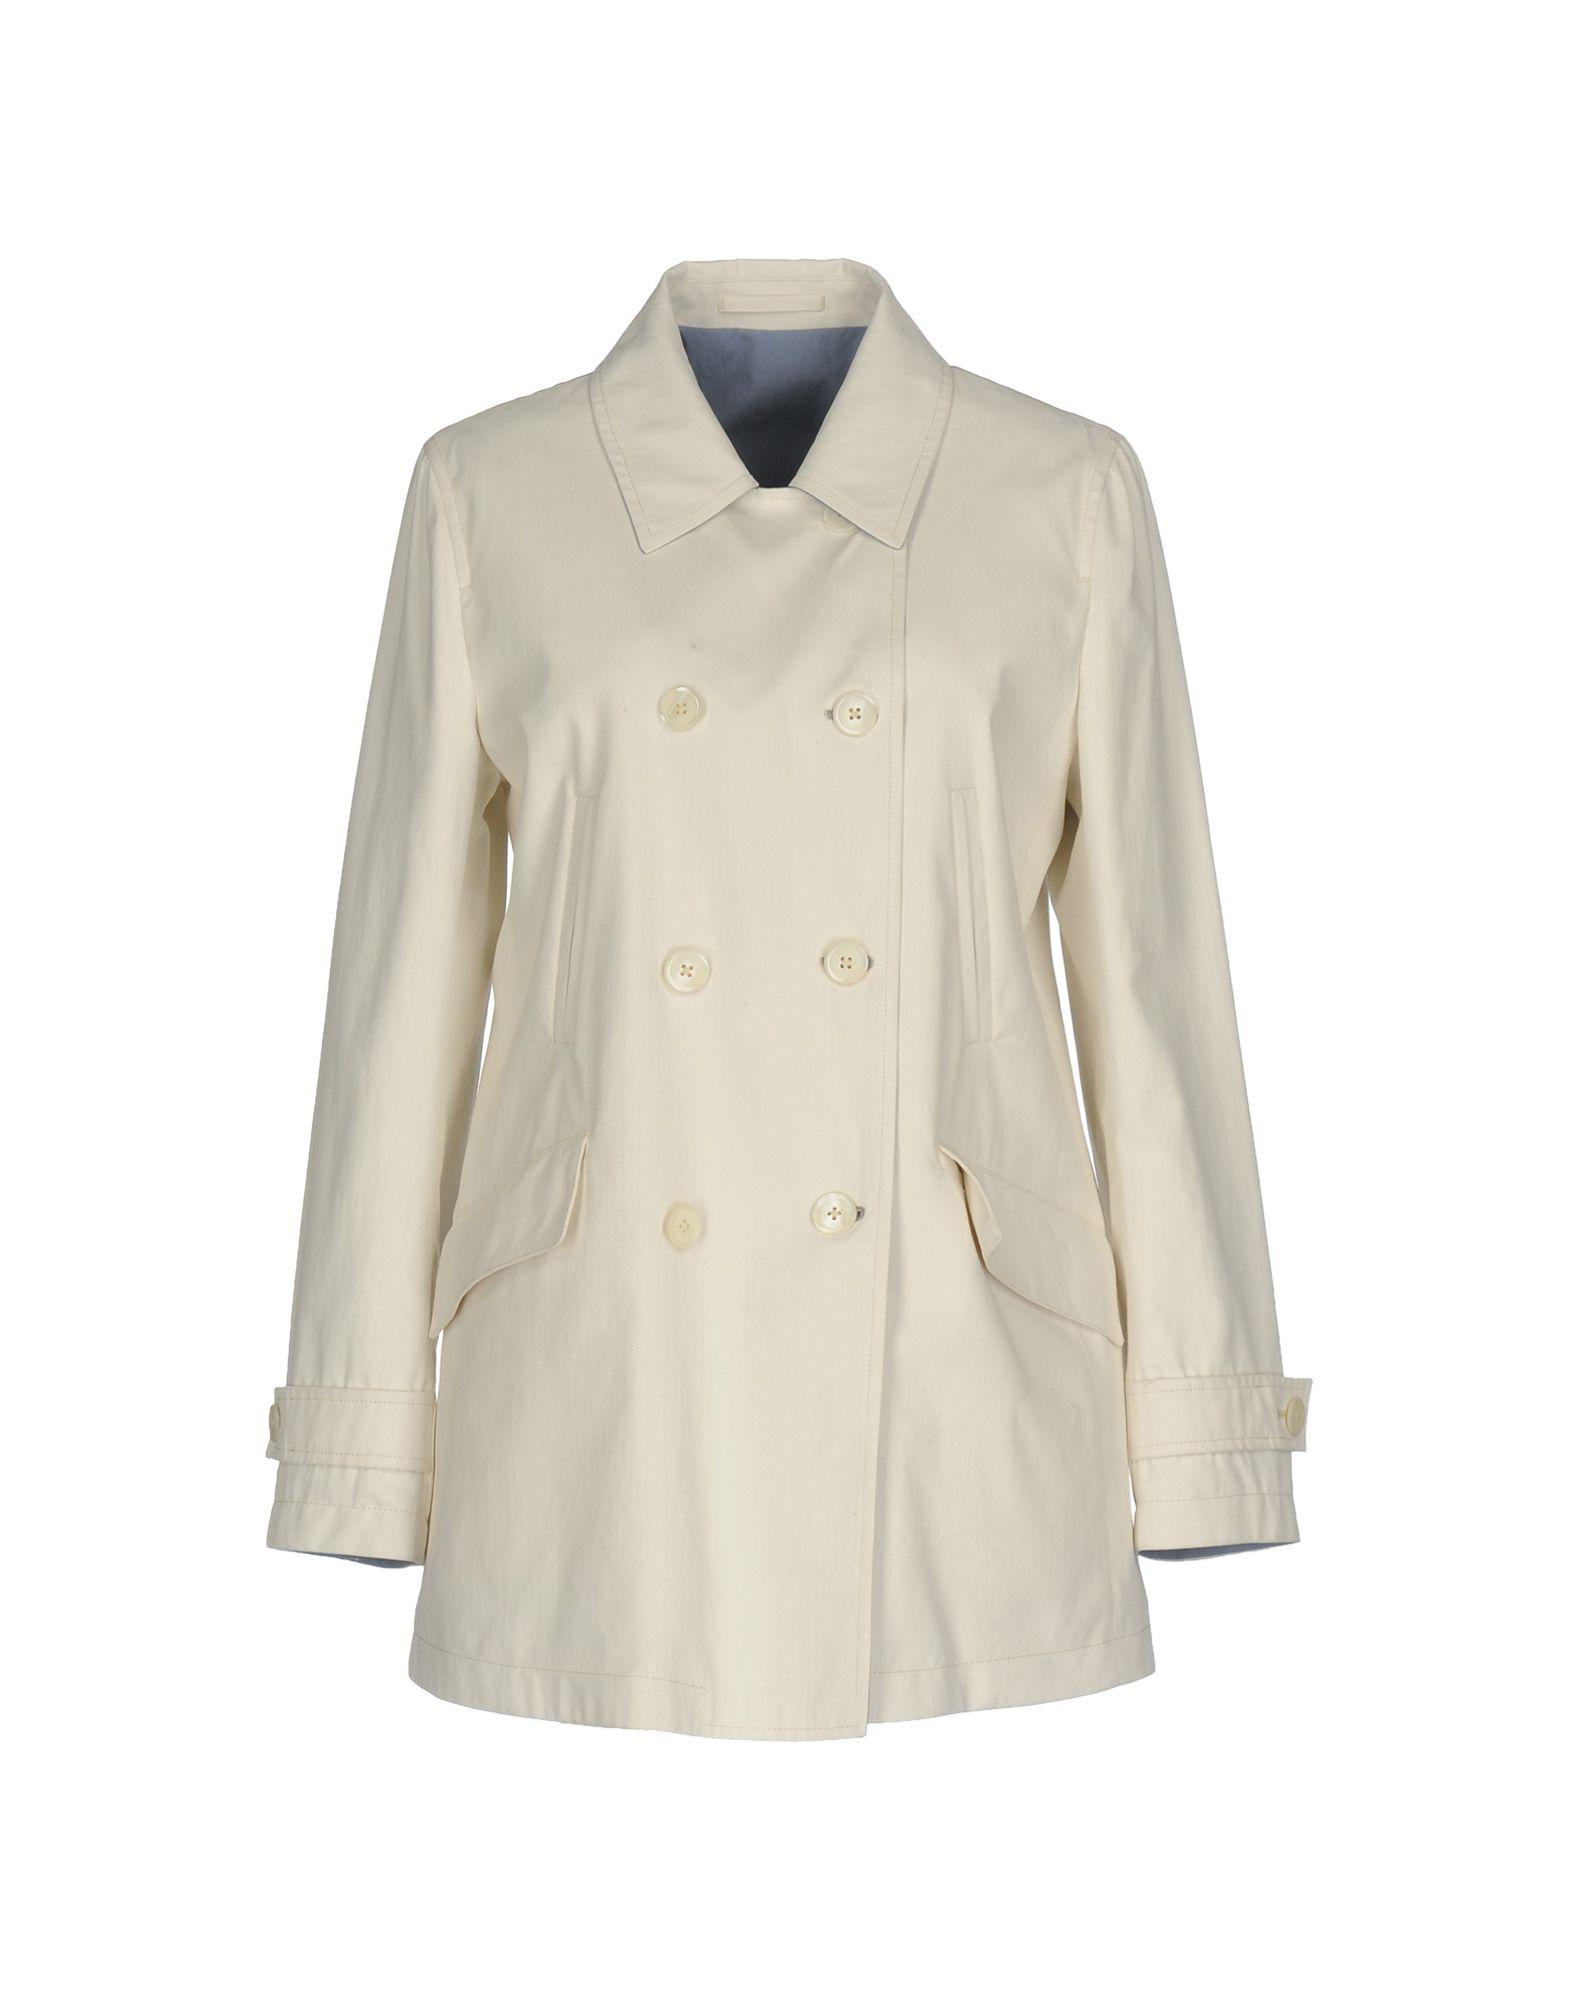 RVR LARDINI Double Breasted Pea Coat in White